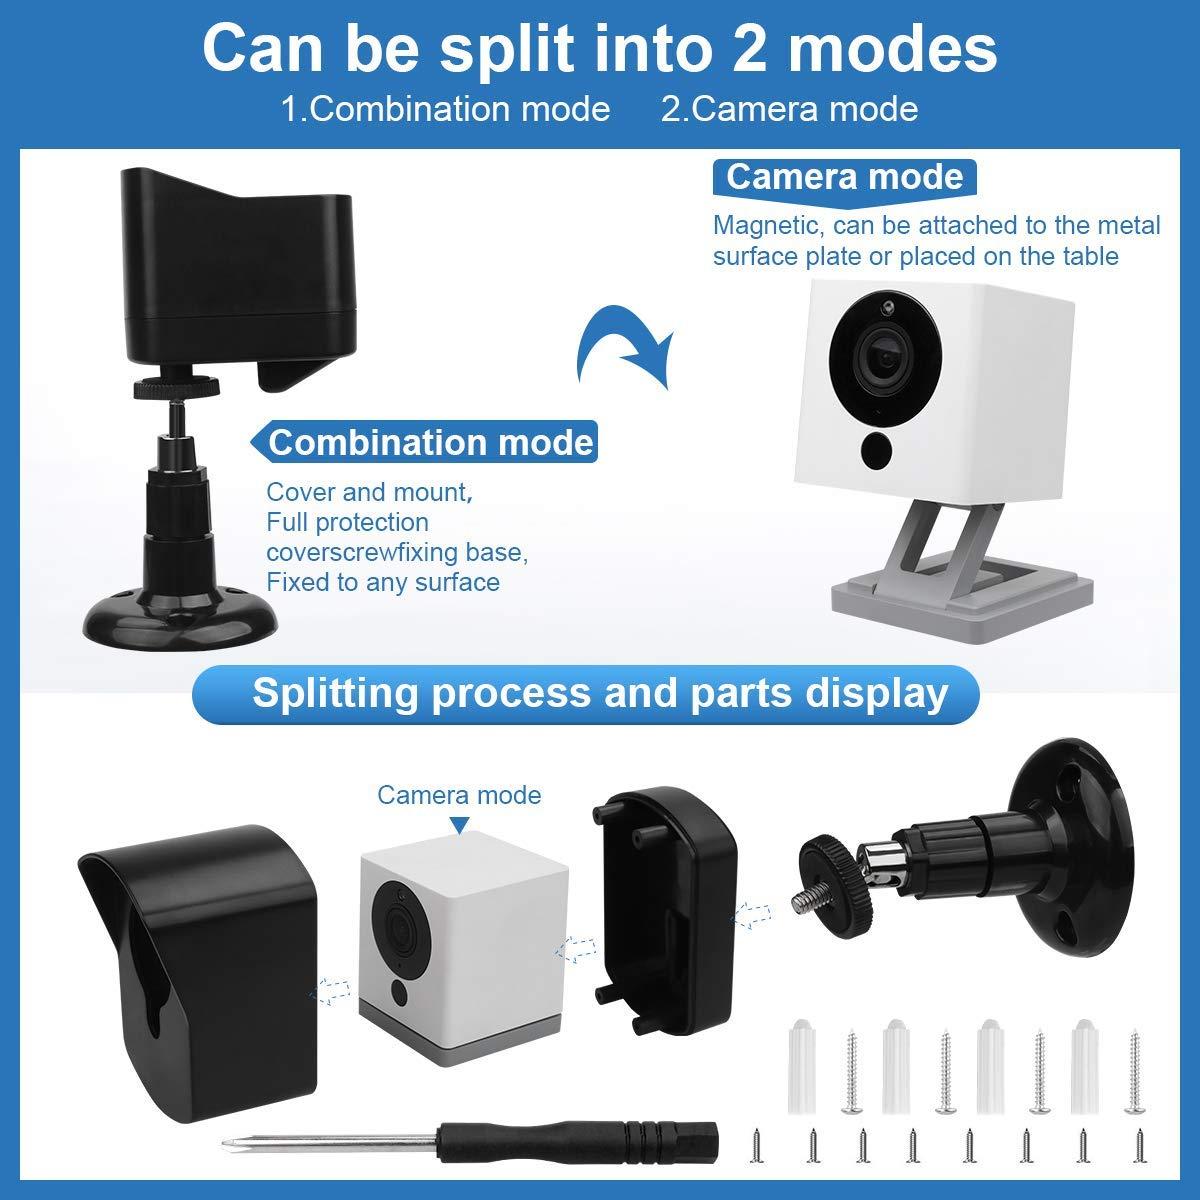 wetterfest schwarz 360 Grad verstellbar Wandhalterung f/ür Neos SmartCam Schutzhalterung mit Schutzh/ülle f/ür Wyze Cam V2 // Neos SmartCam f/ür Innen- und Au/ßenbereich